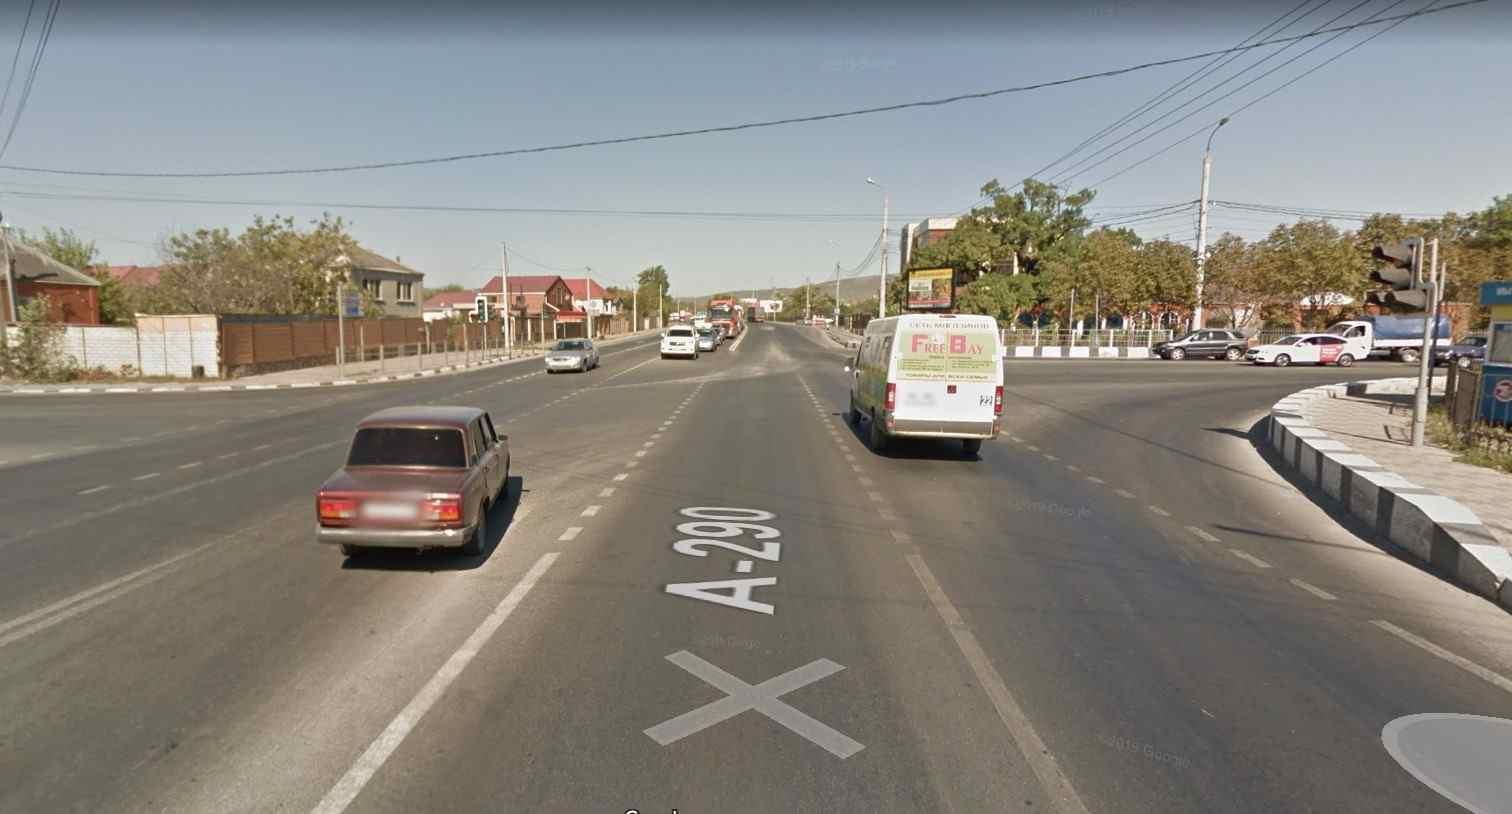 В Новороссийске проверяют все эвакуаторы, чтобы найти того, кто сбил старшеклассника